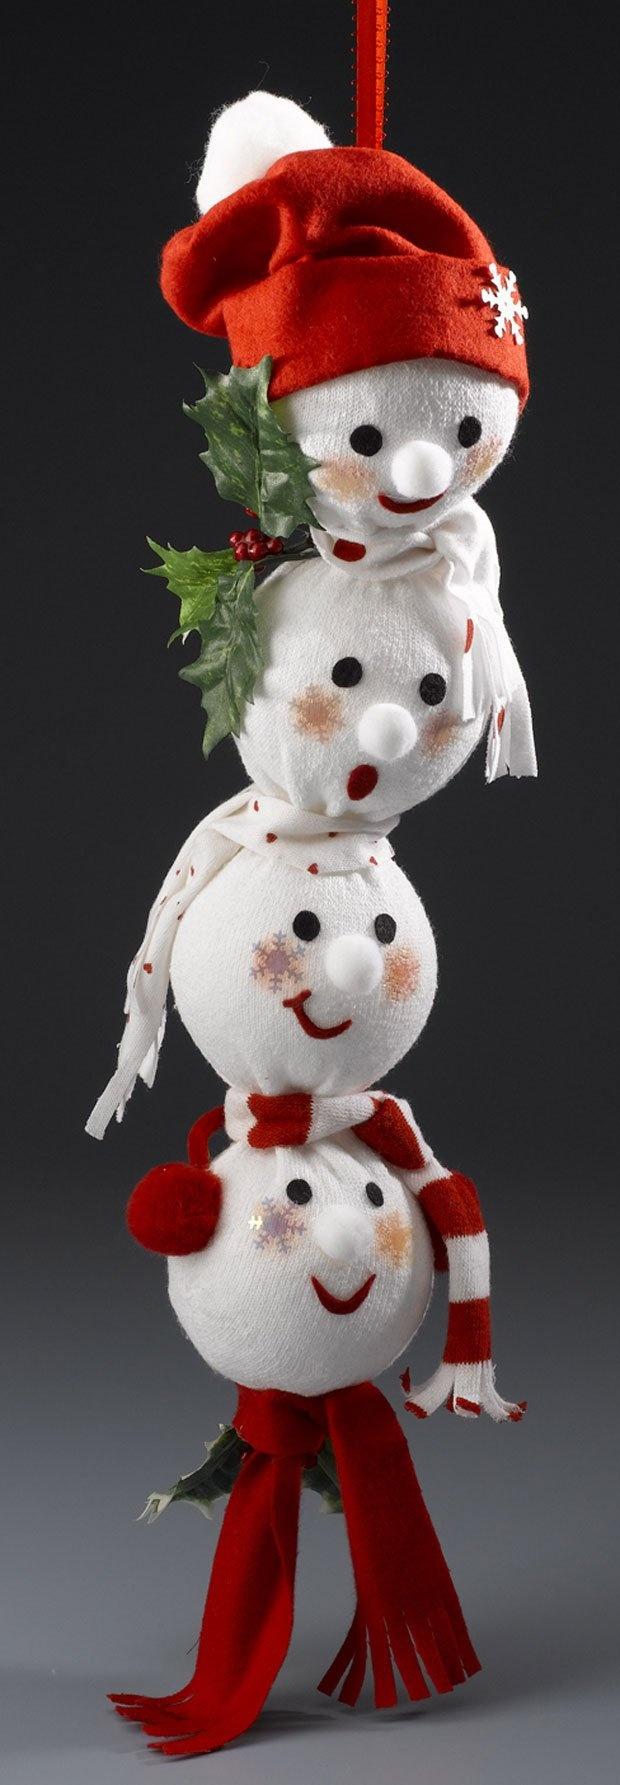 Die 435 besten Bilder zu Holiday Decor Idea auf Pinterest ...